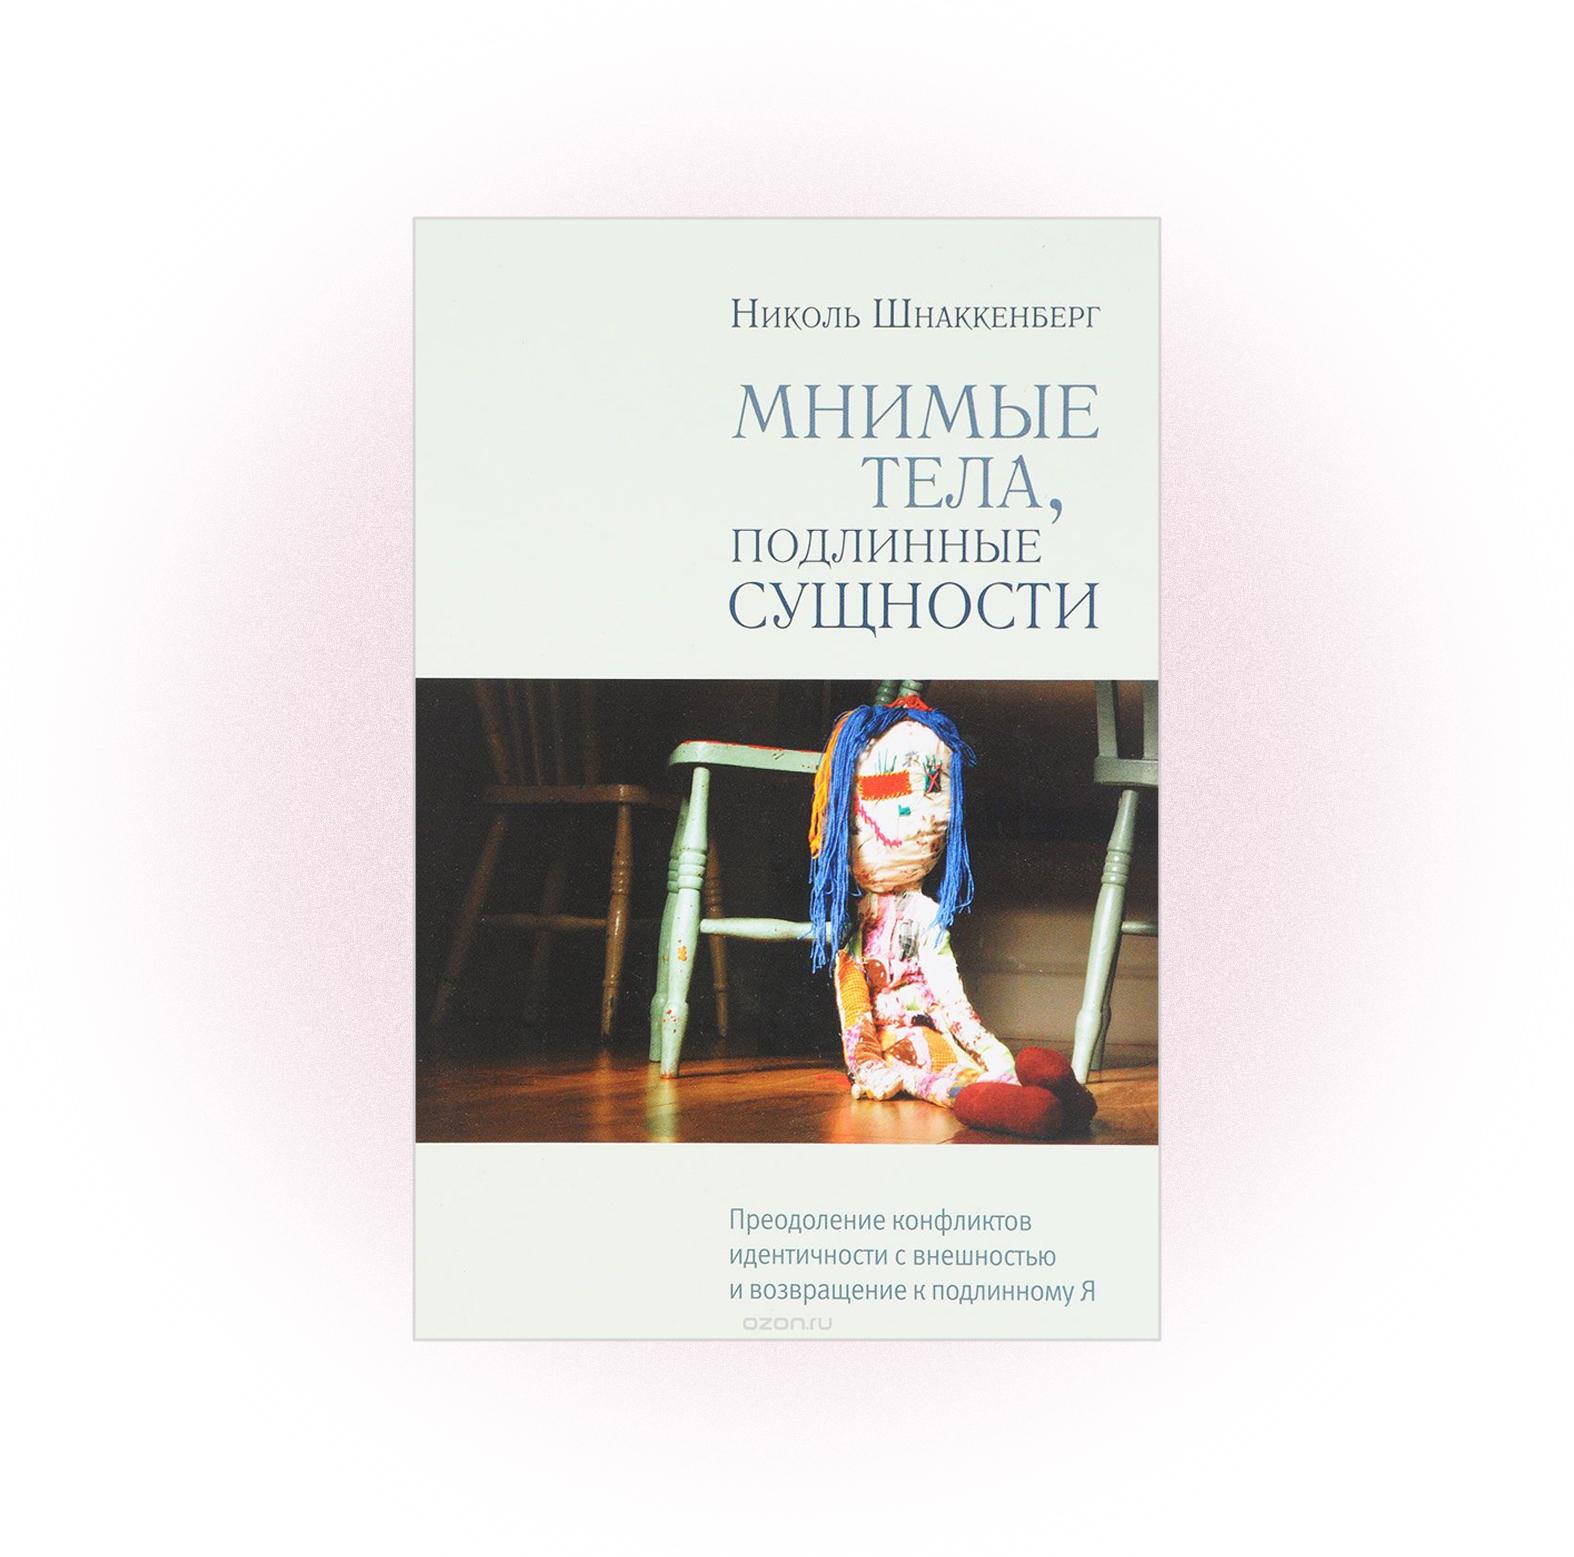 «Мнимые тела, подлинные сущности», Николь Шнаккенберг